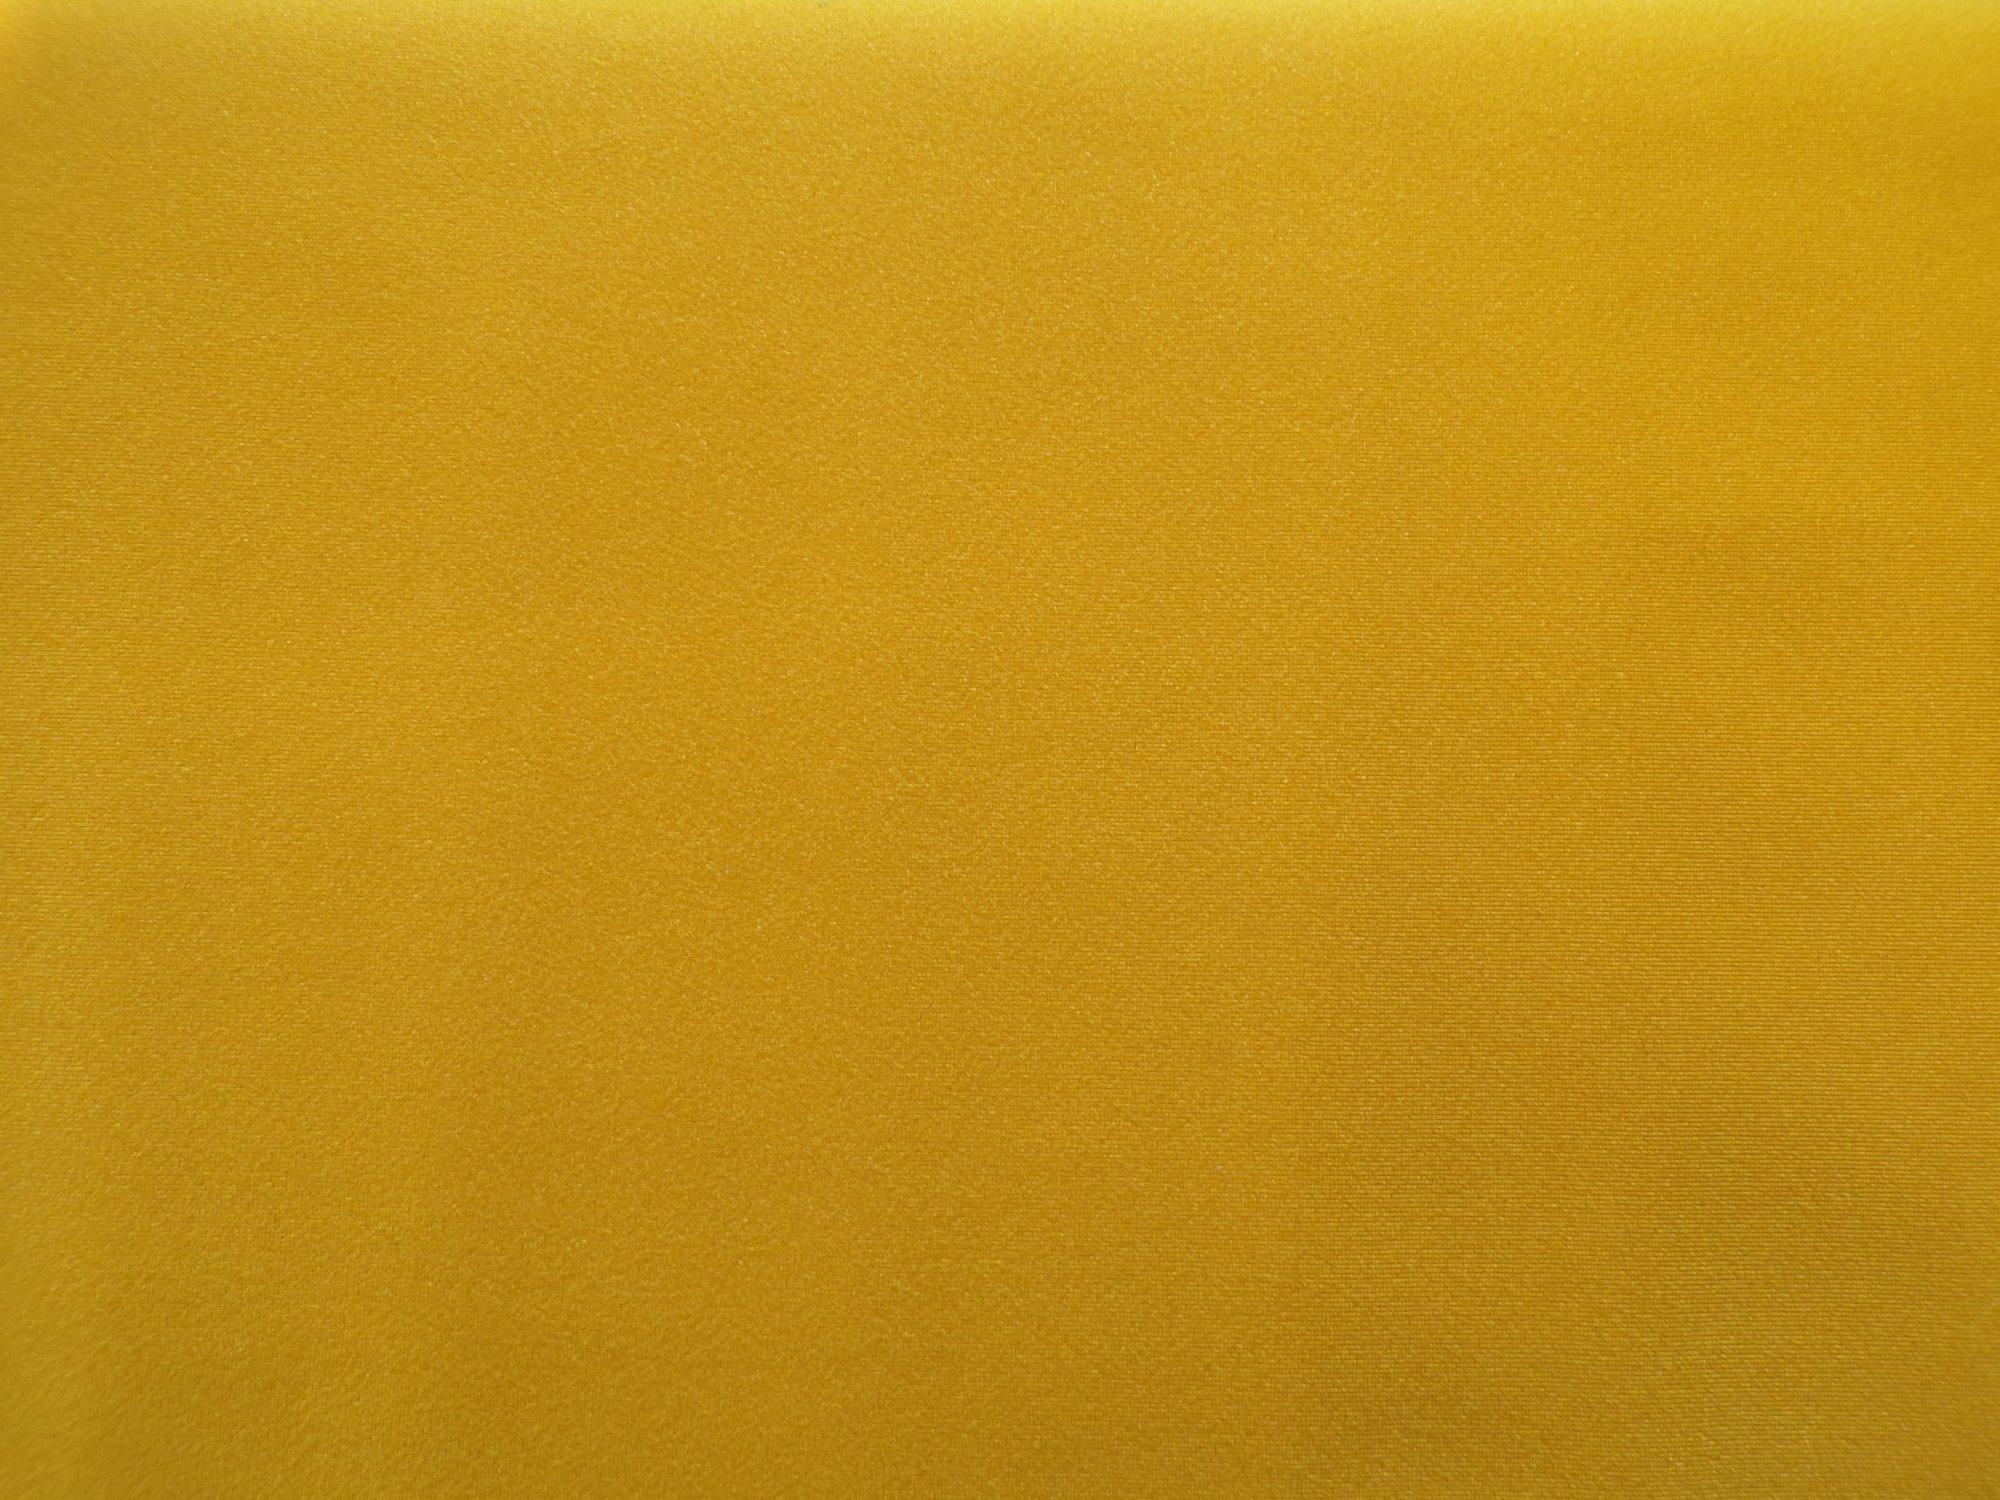 Swimwear - Bright Yellow